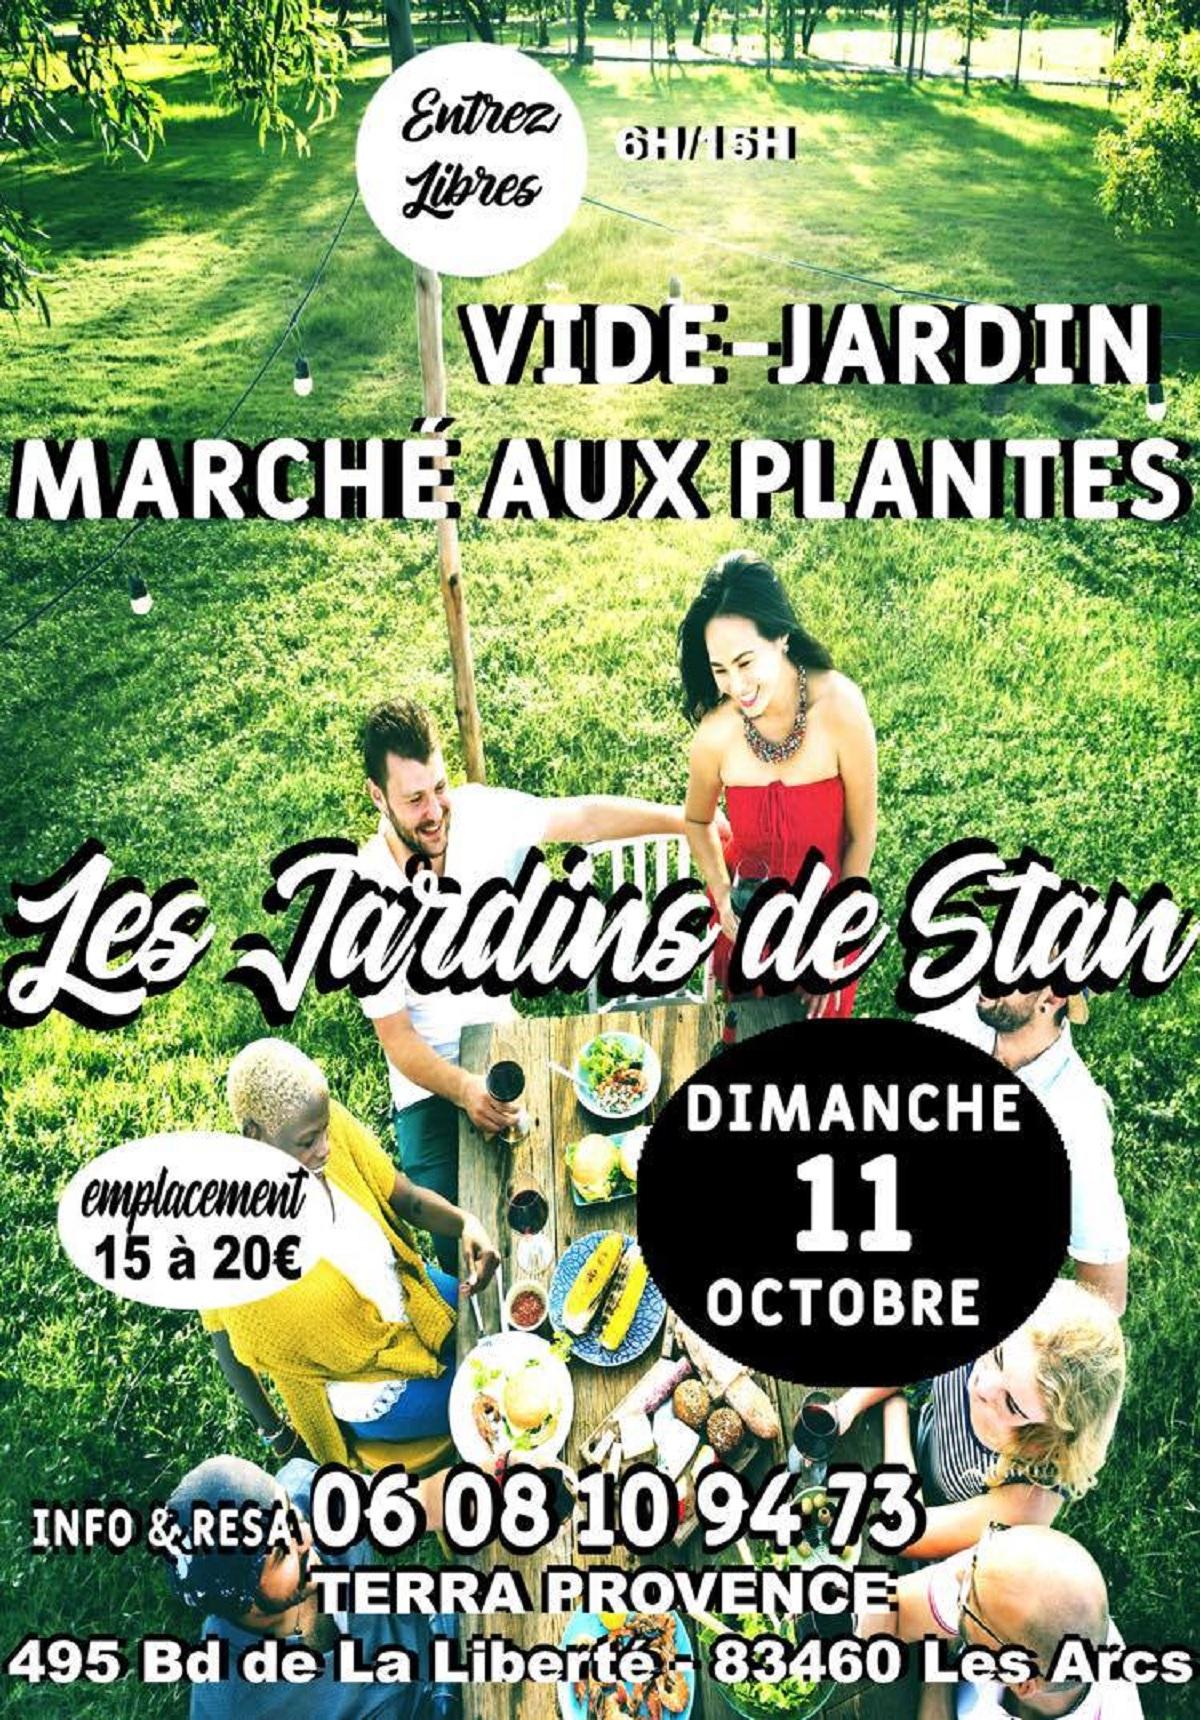 Les Jardins de Stan : Vide jardins & marché aux plantes